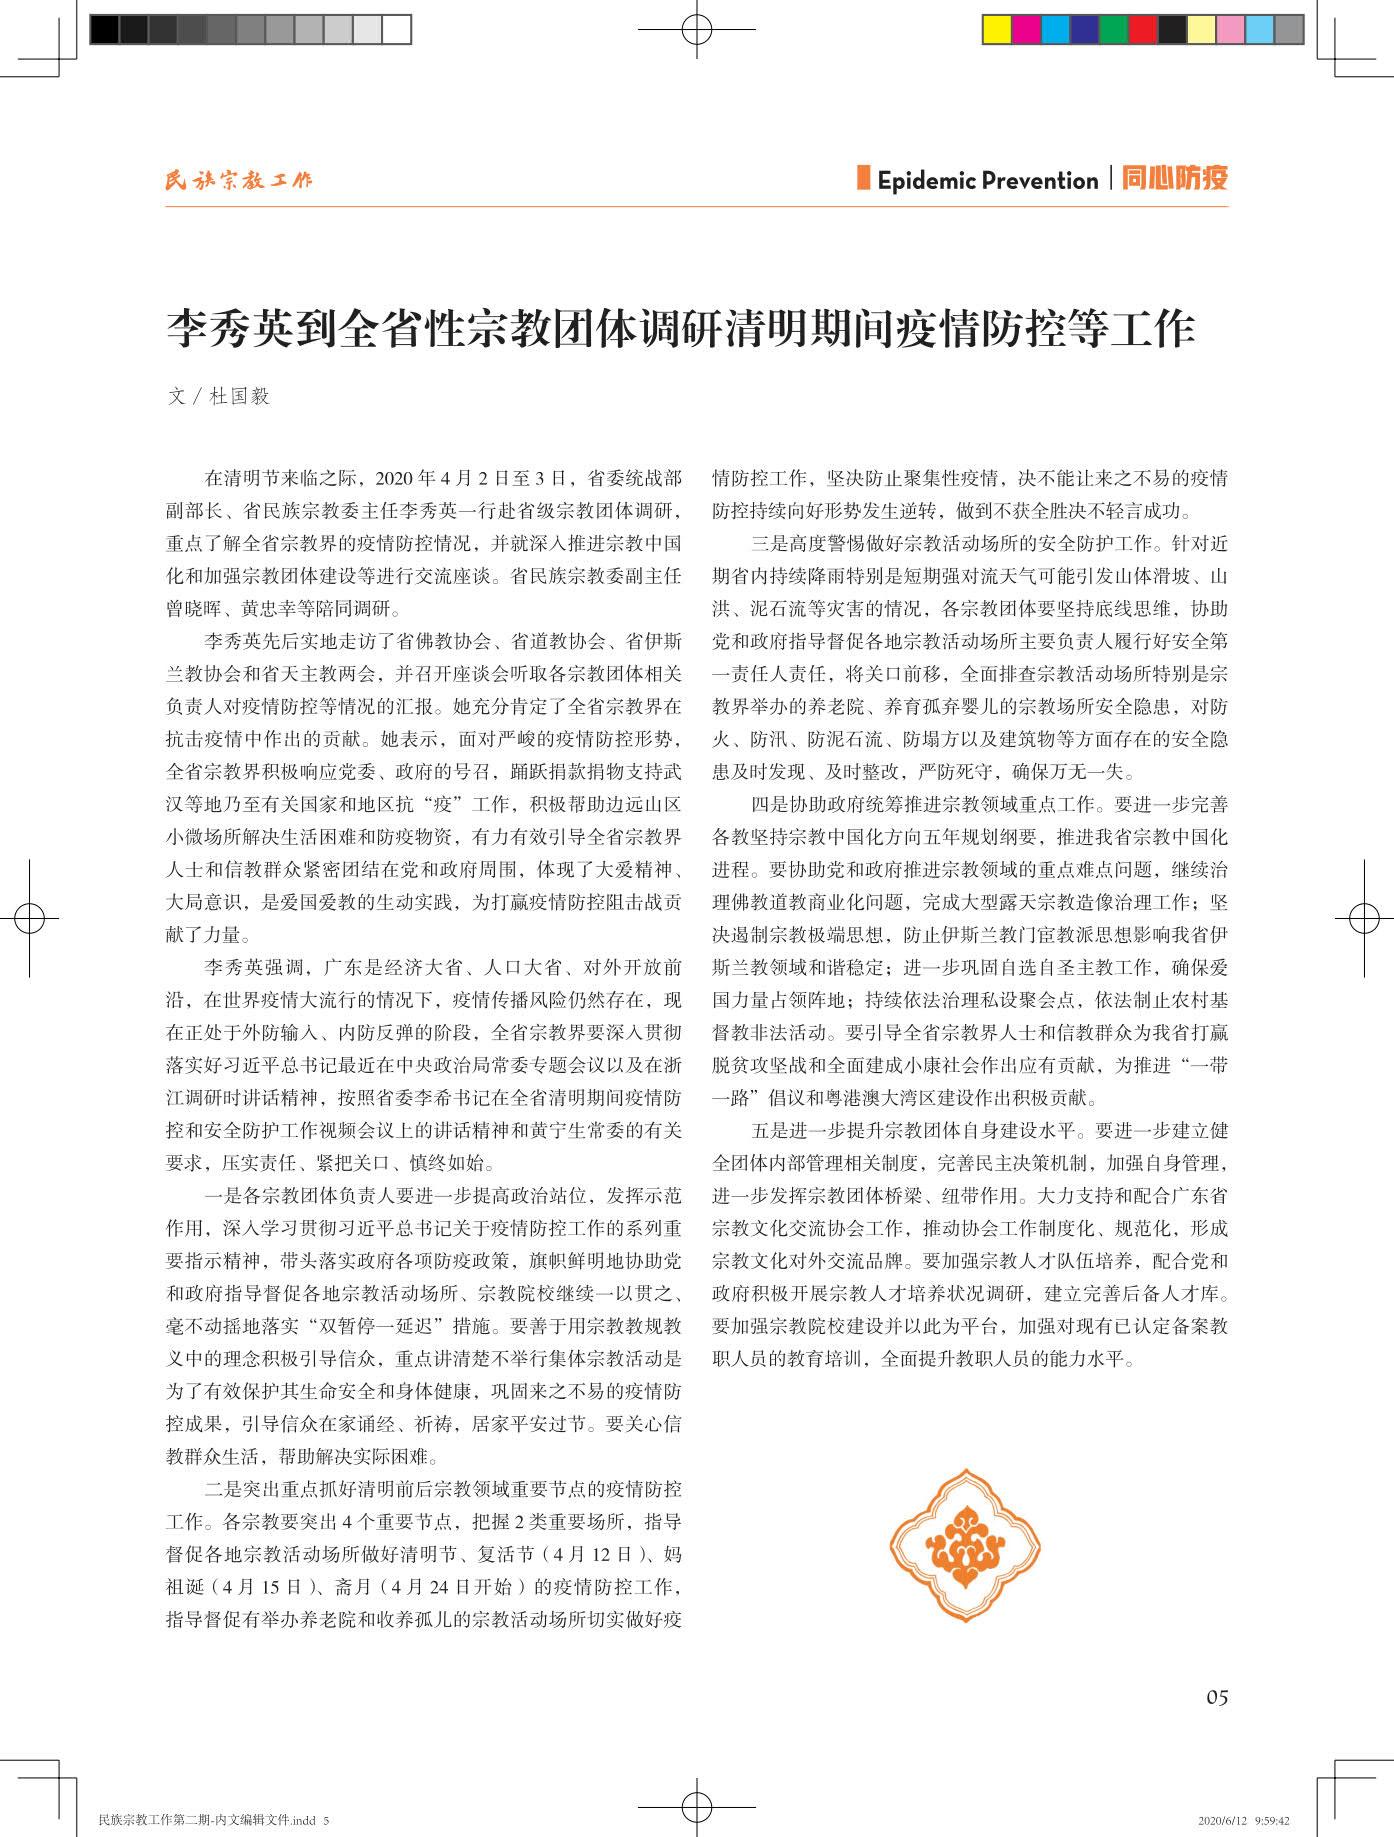 民族宗教工作第二期-内文20200612-蓝样_5.jpg